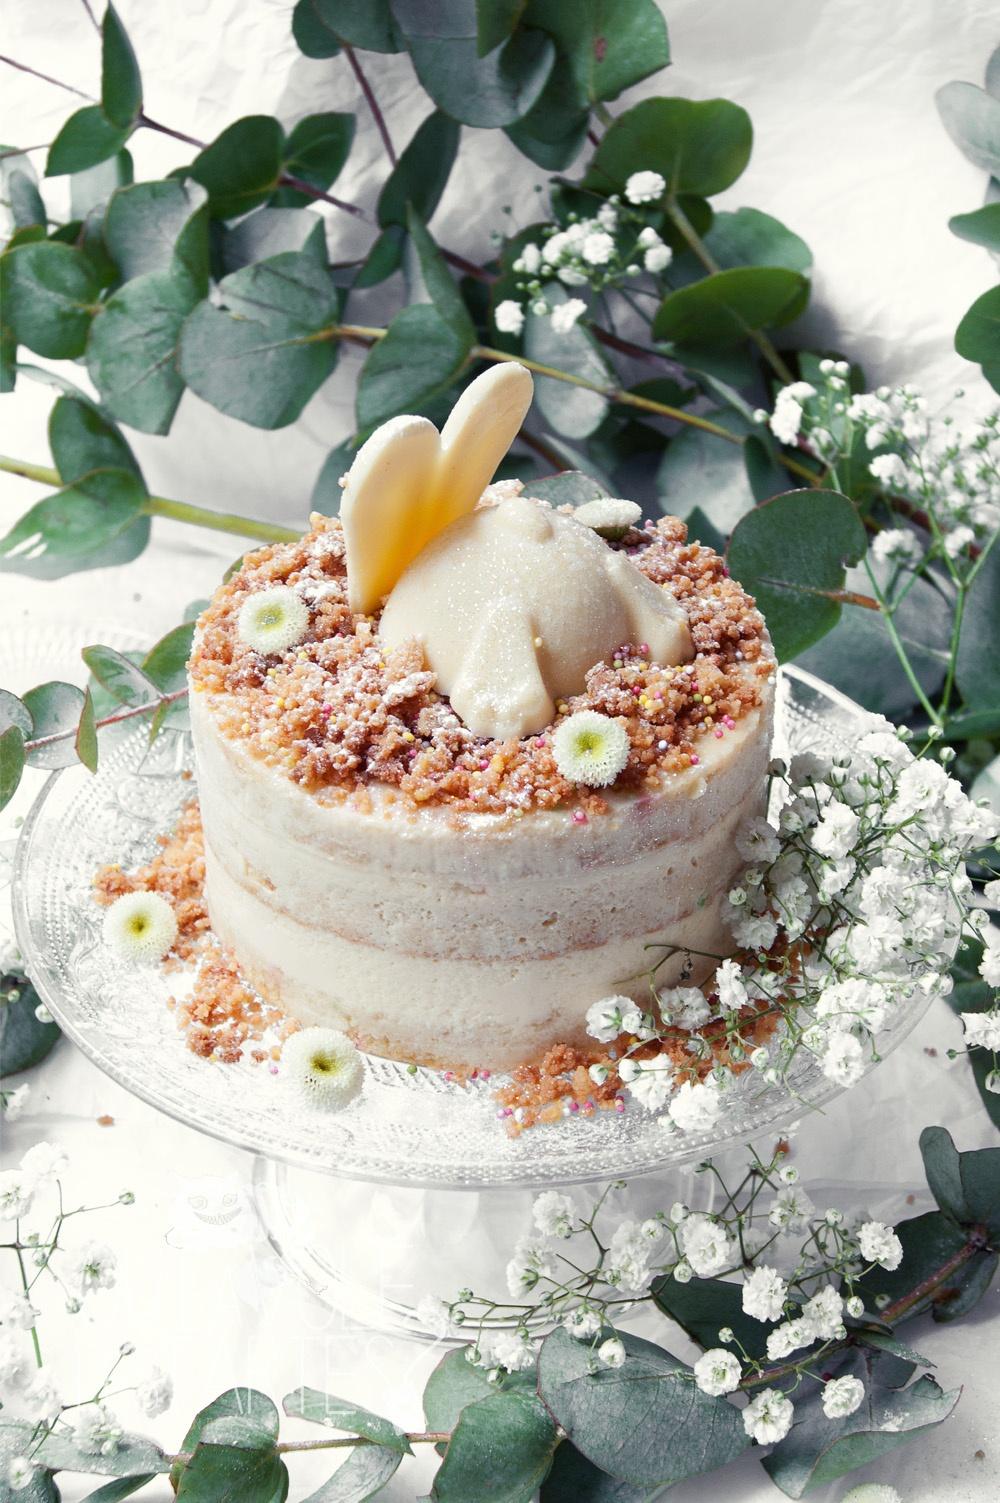 Le lapin blanc - entremet vanille chocolat blanc - Studio 2 création - Qui a volé les tartes